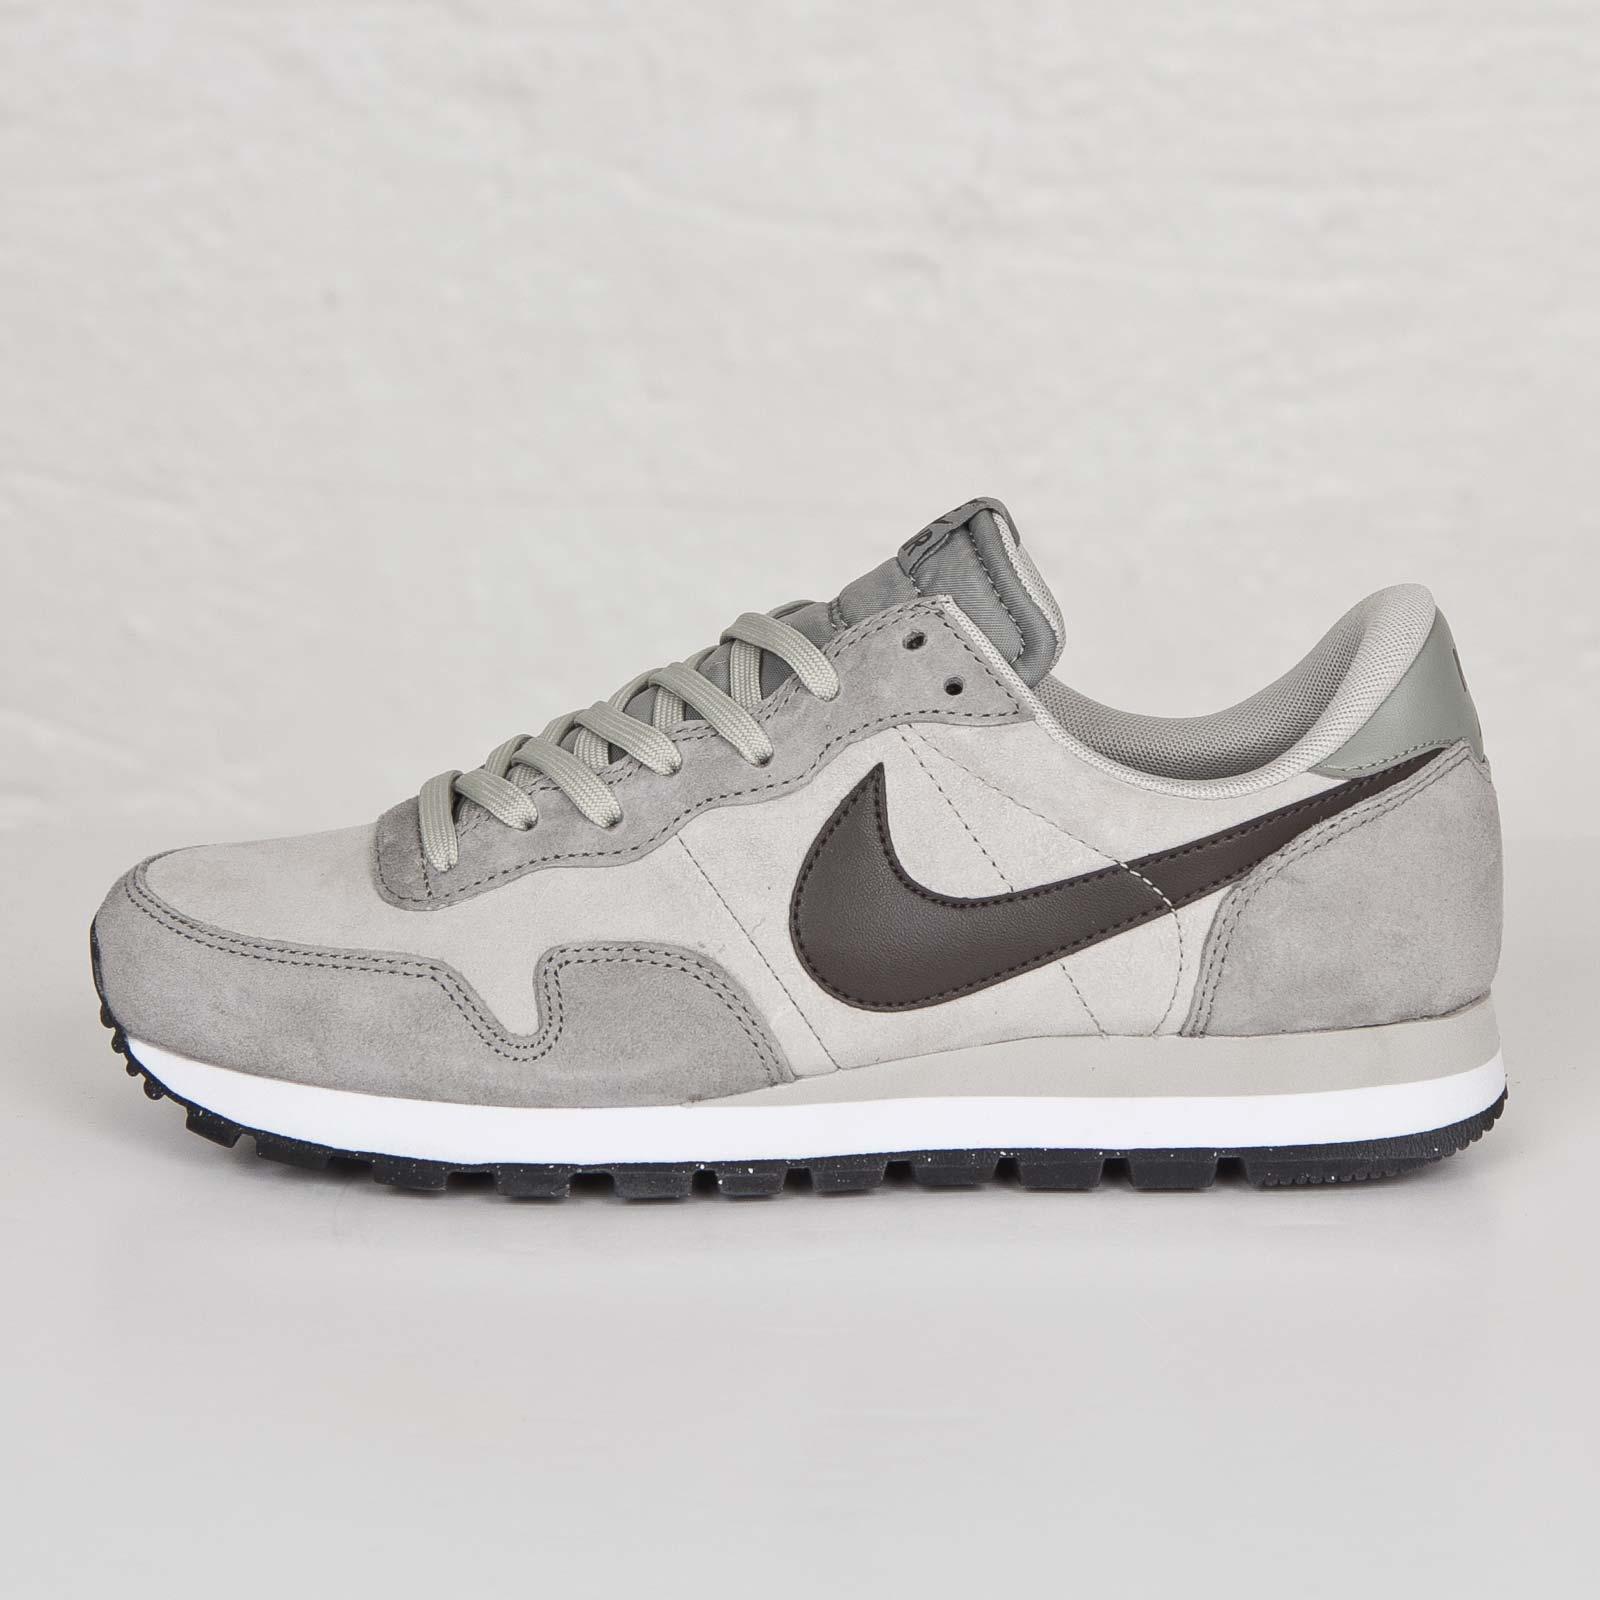 Nike Air Pegasus 83 Leather - 616324-013 - Sneakersnstuff ...